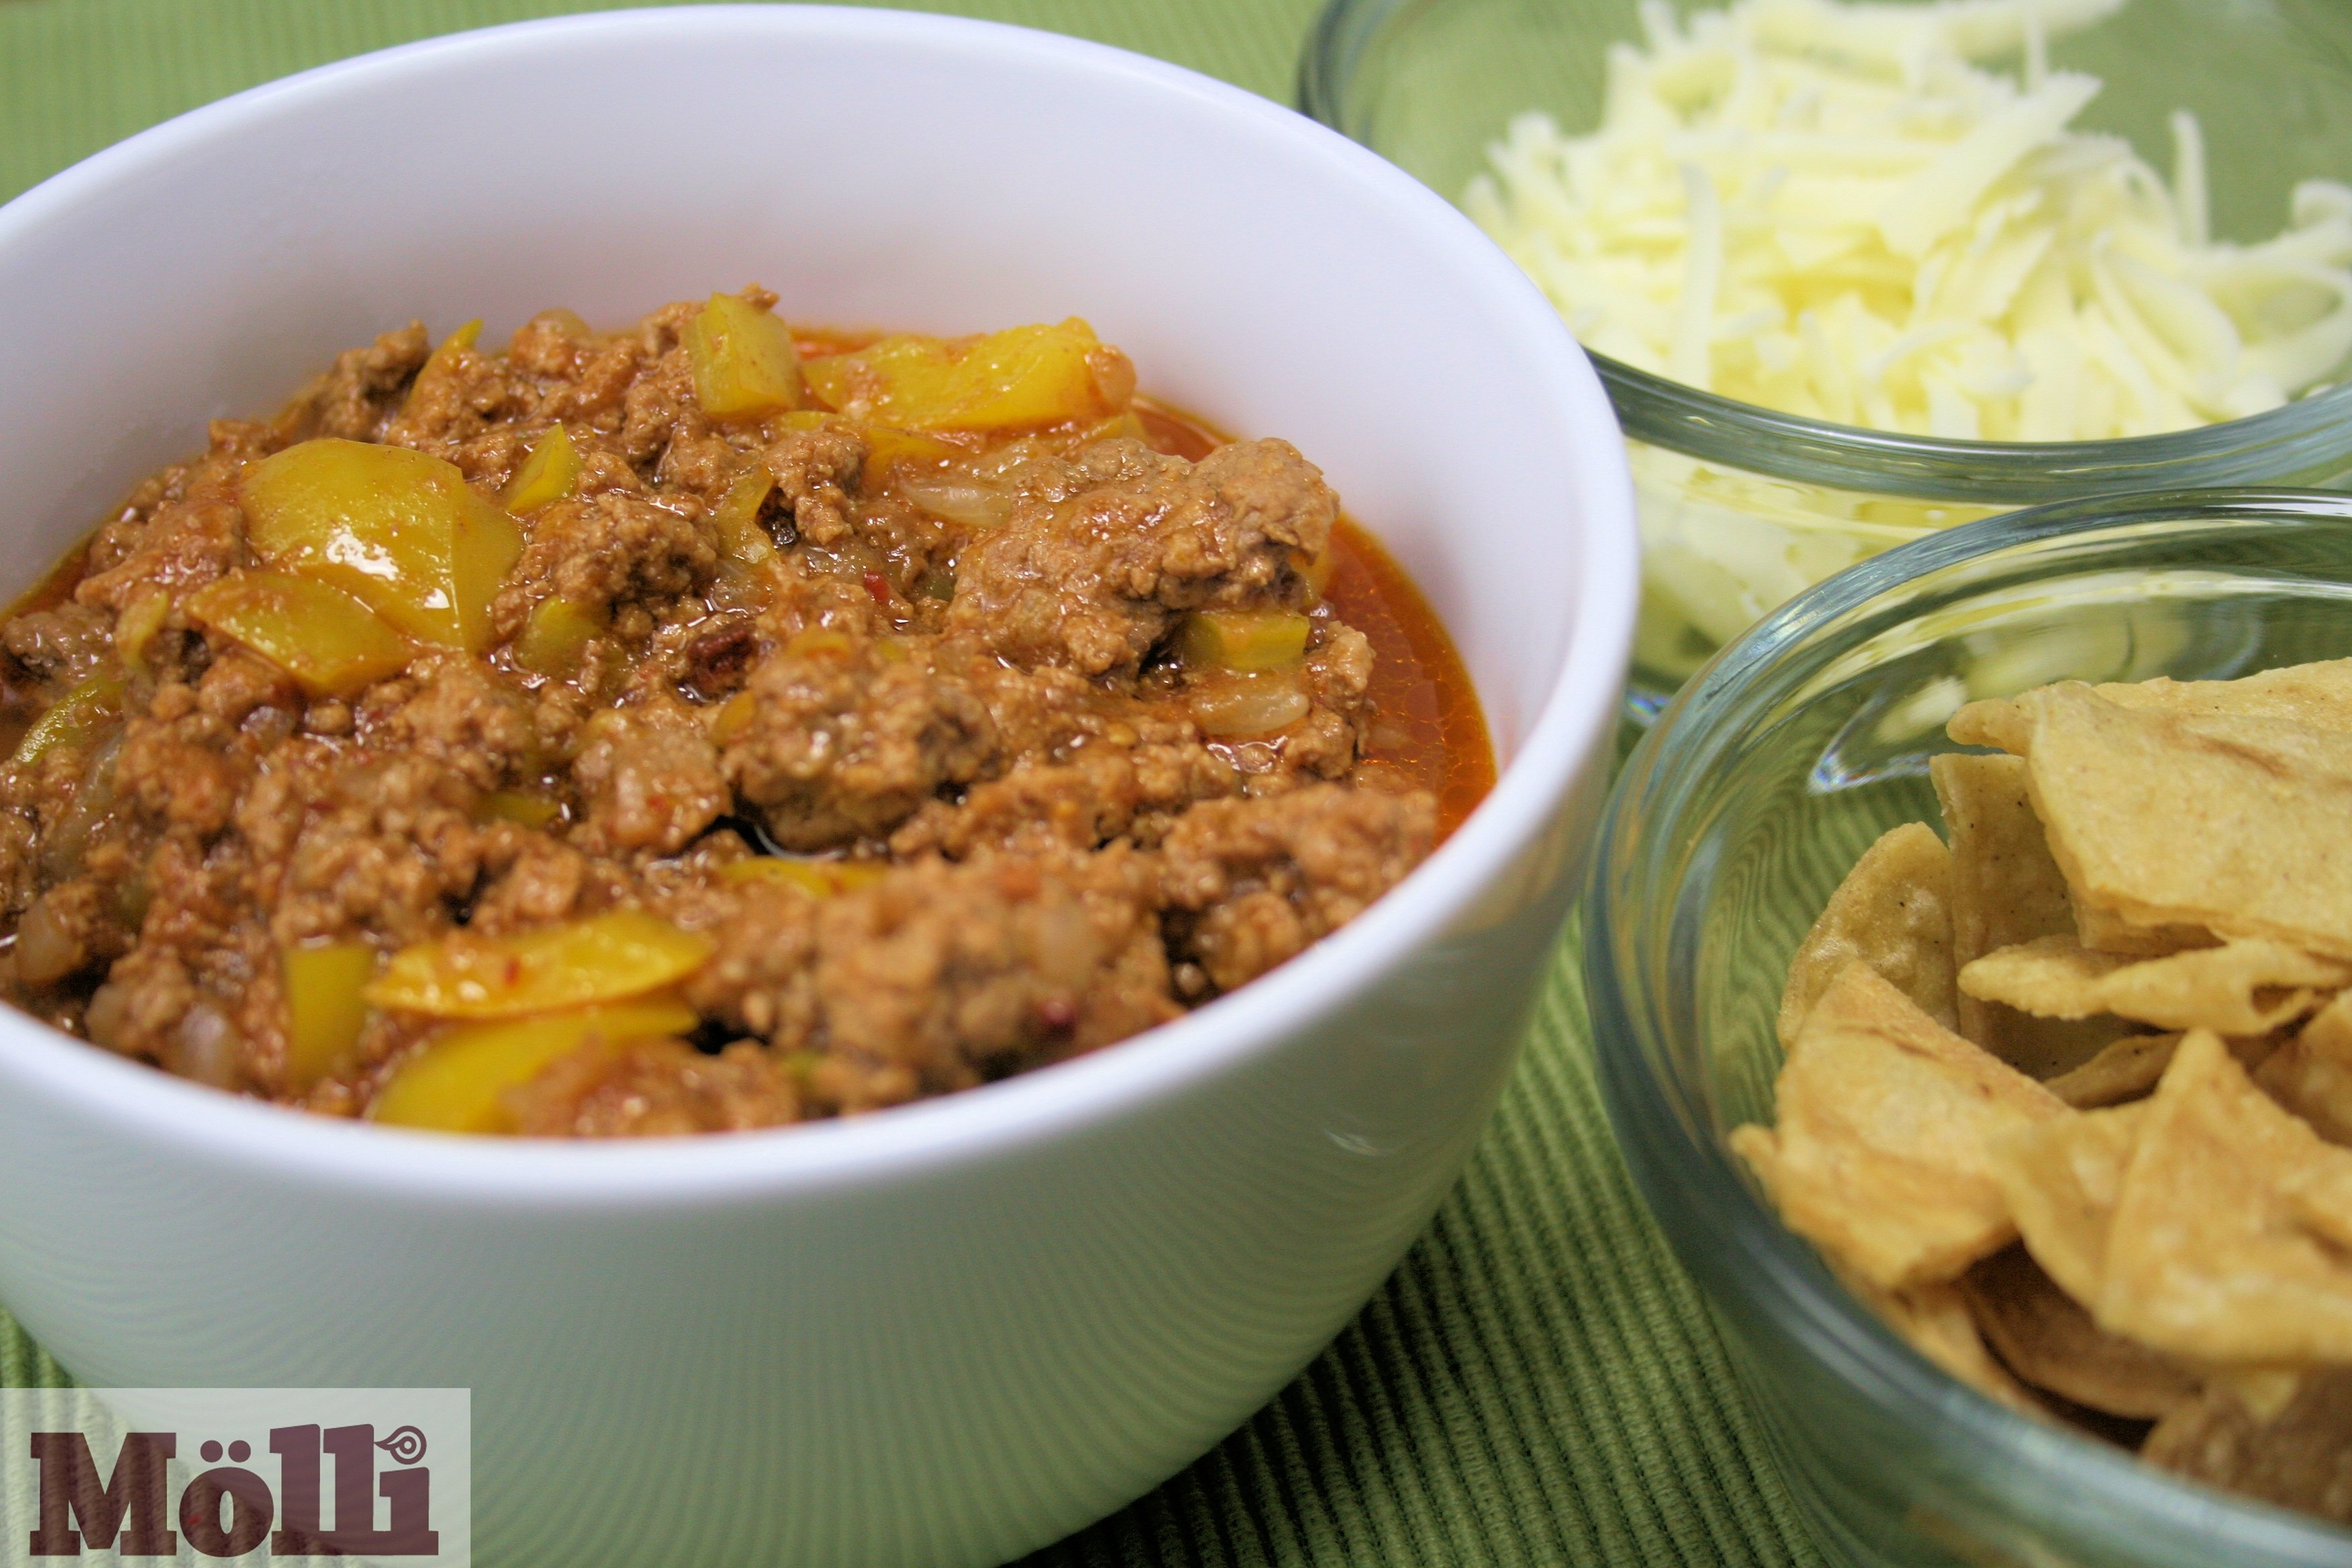 Mexican Chili With Chipotle Chili A La Mexicana